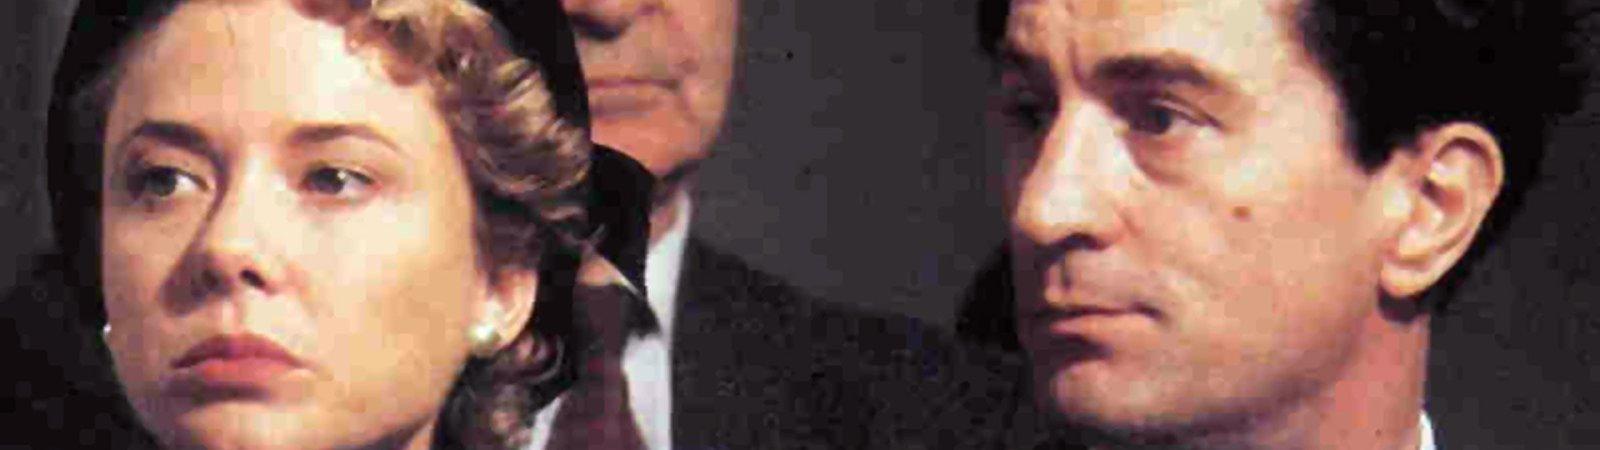 Photo dernier film  George Wendt